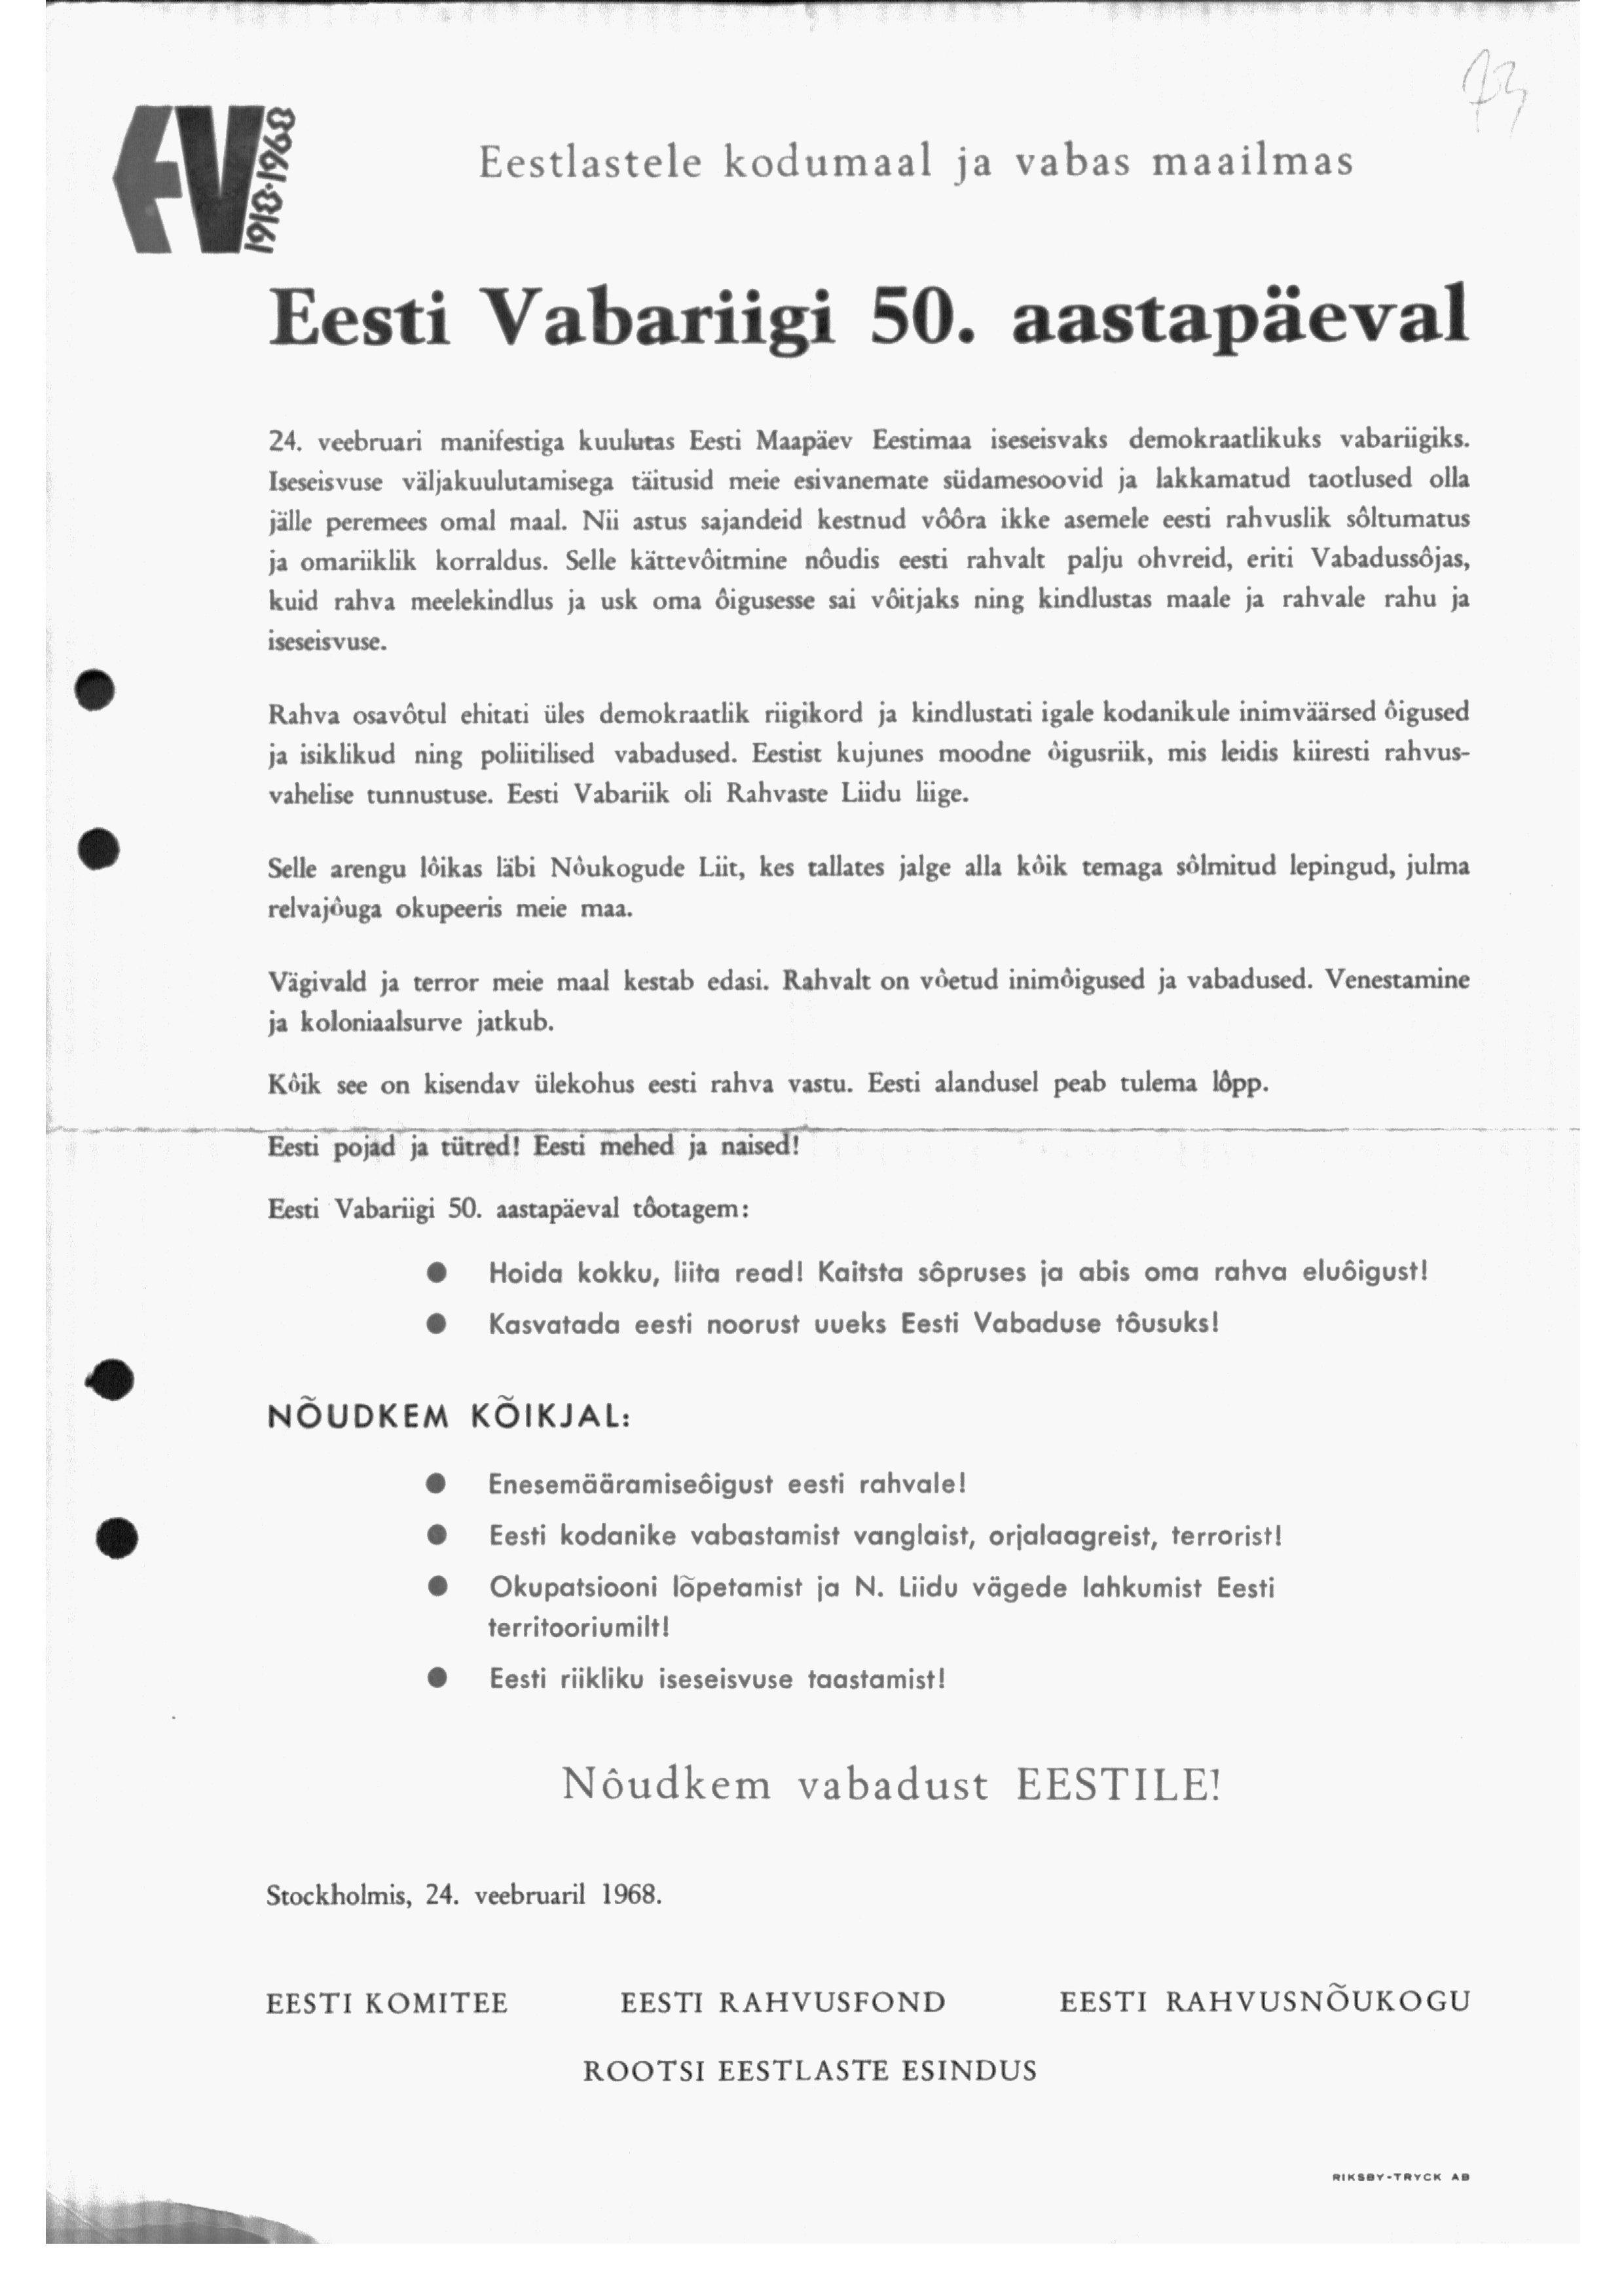 Üleskutse Eesti Vabariigi 50. aastapäeval eestlastele kogu maailmas. era4935_001_0000193_00089_t